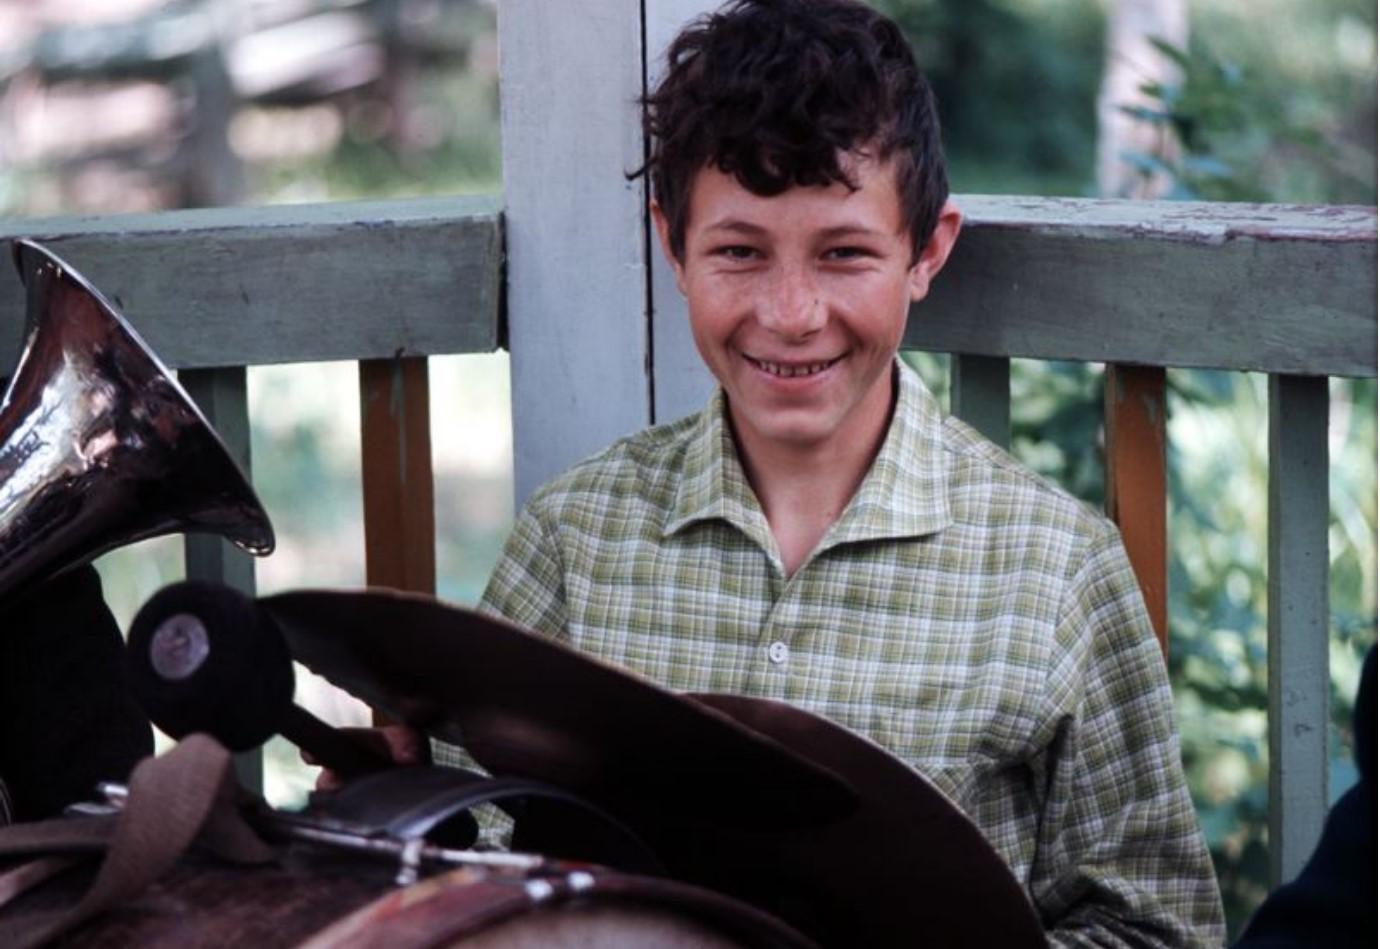 В пионерском лагере. Мальчик с музыкальными инструментами